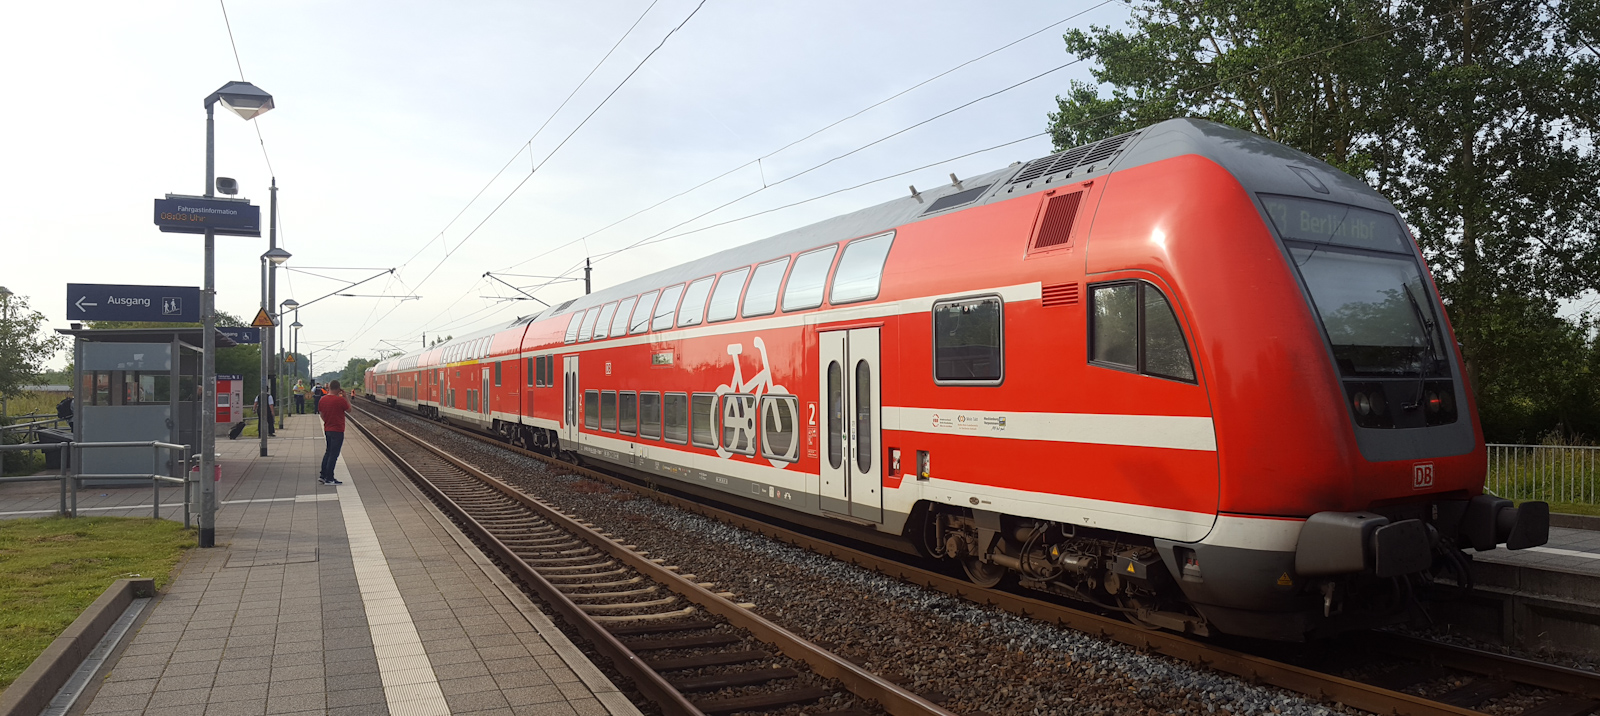 Bahnunfall am Südbahnhof in Greifswald